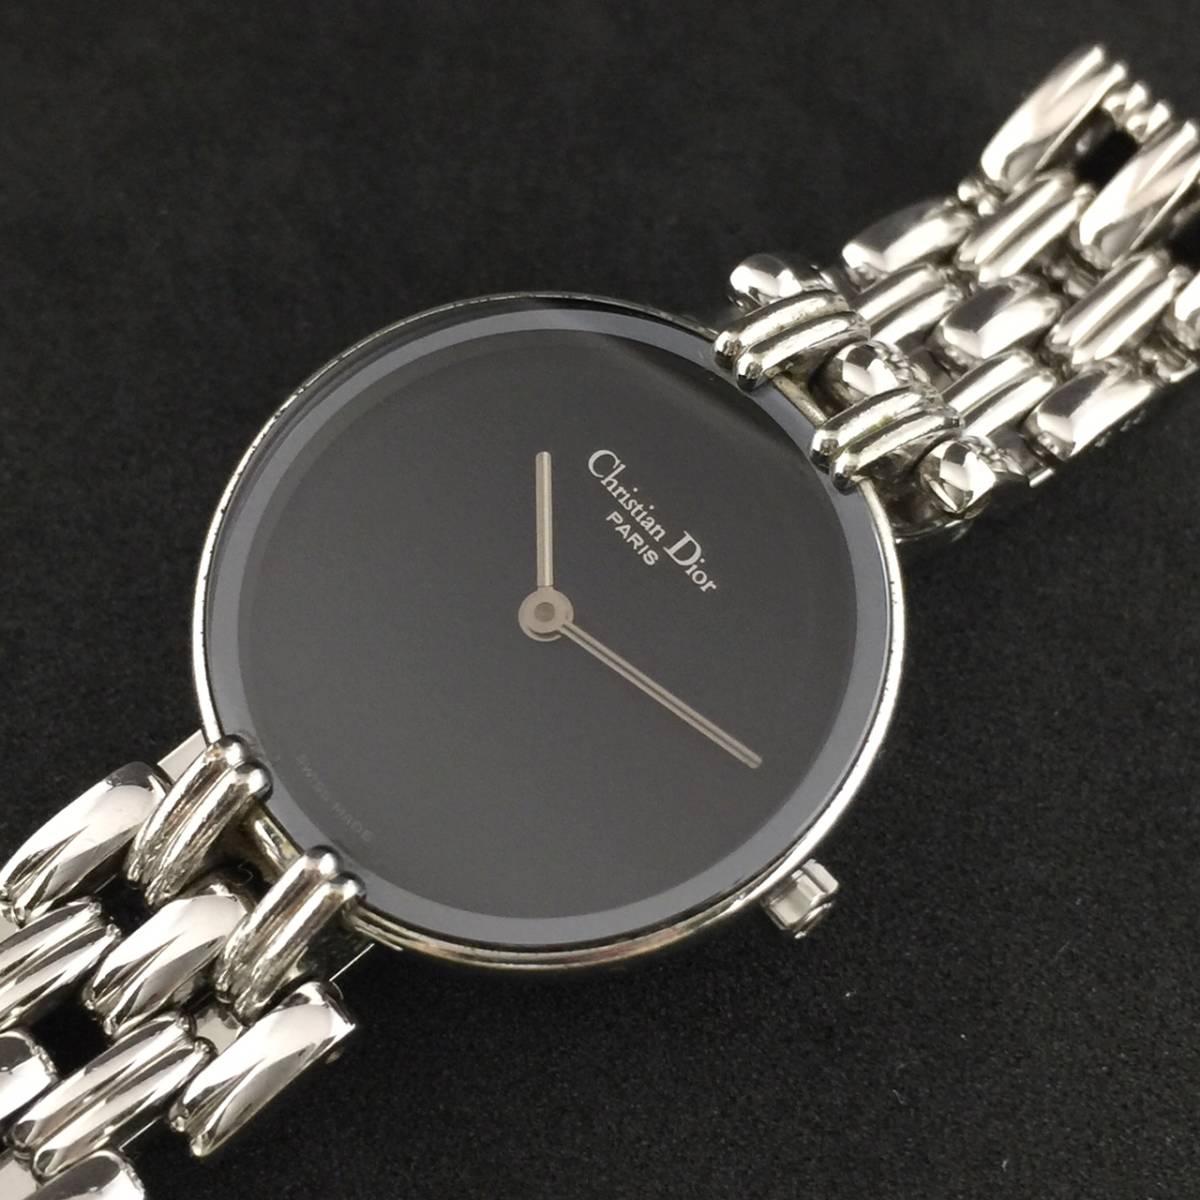 【1円~】Christian Dior クリスチャン ディオール 腕時計 レディース D44-120 Bagheera バギラ 可動品